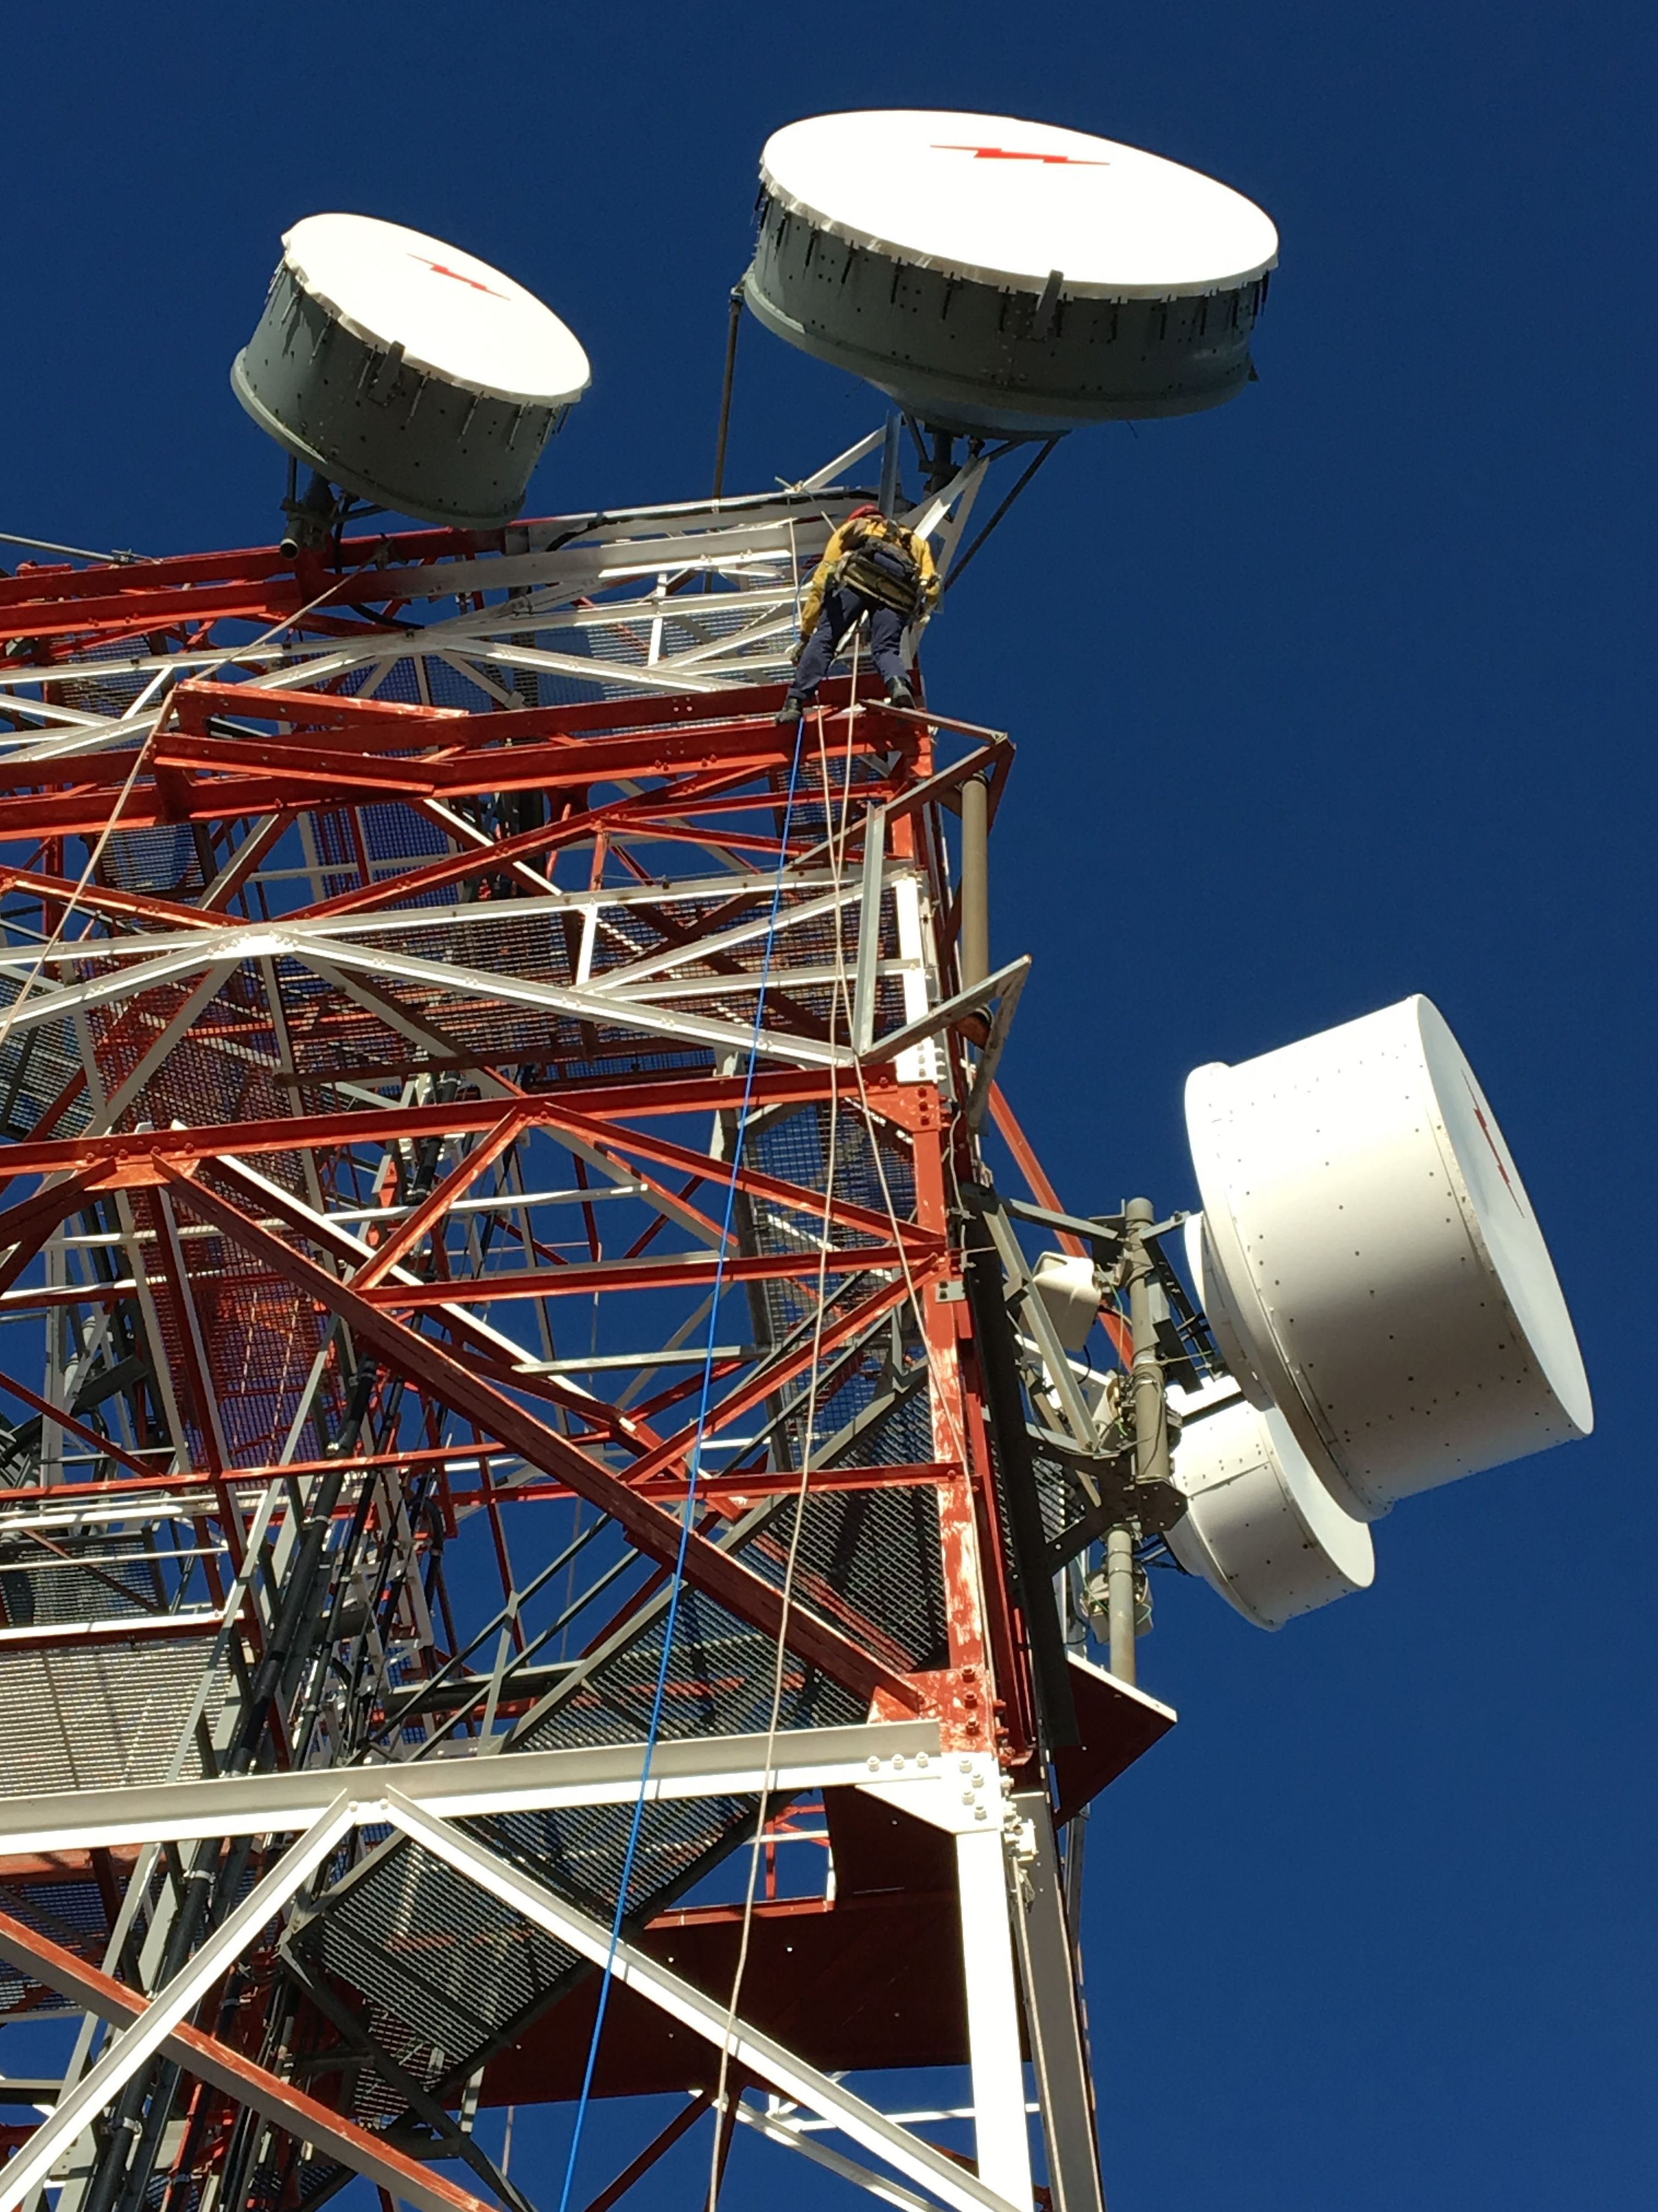 PINTURA DE TORRE DE TELECOMUNICACIONES: Nuestros Servicios de Vertimur